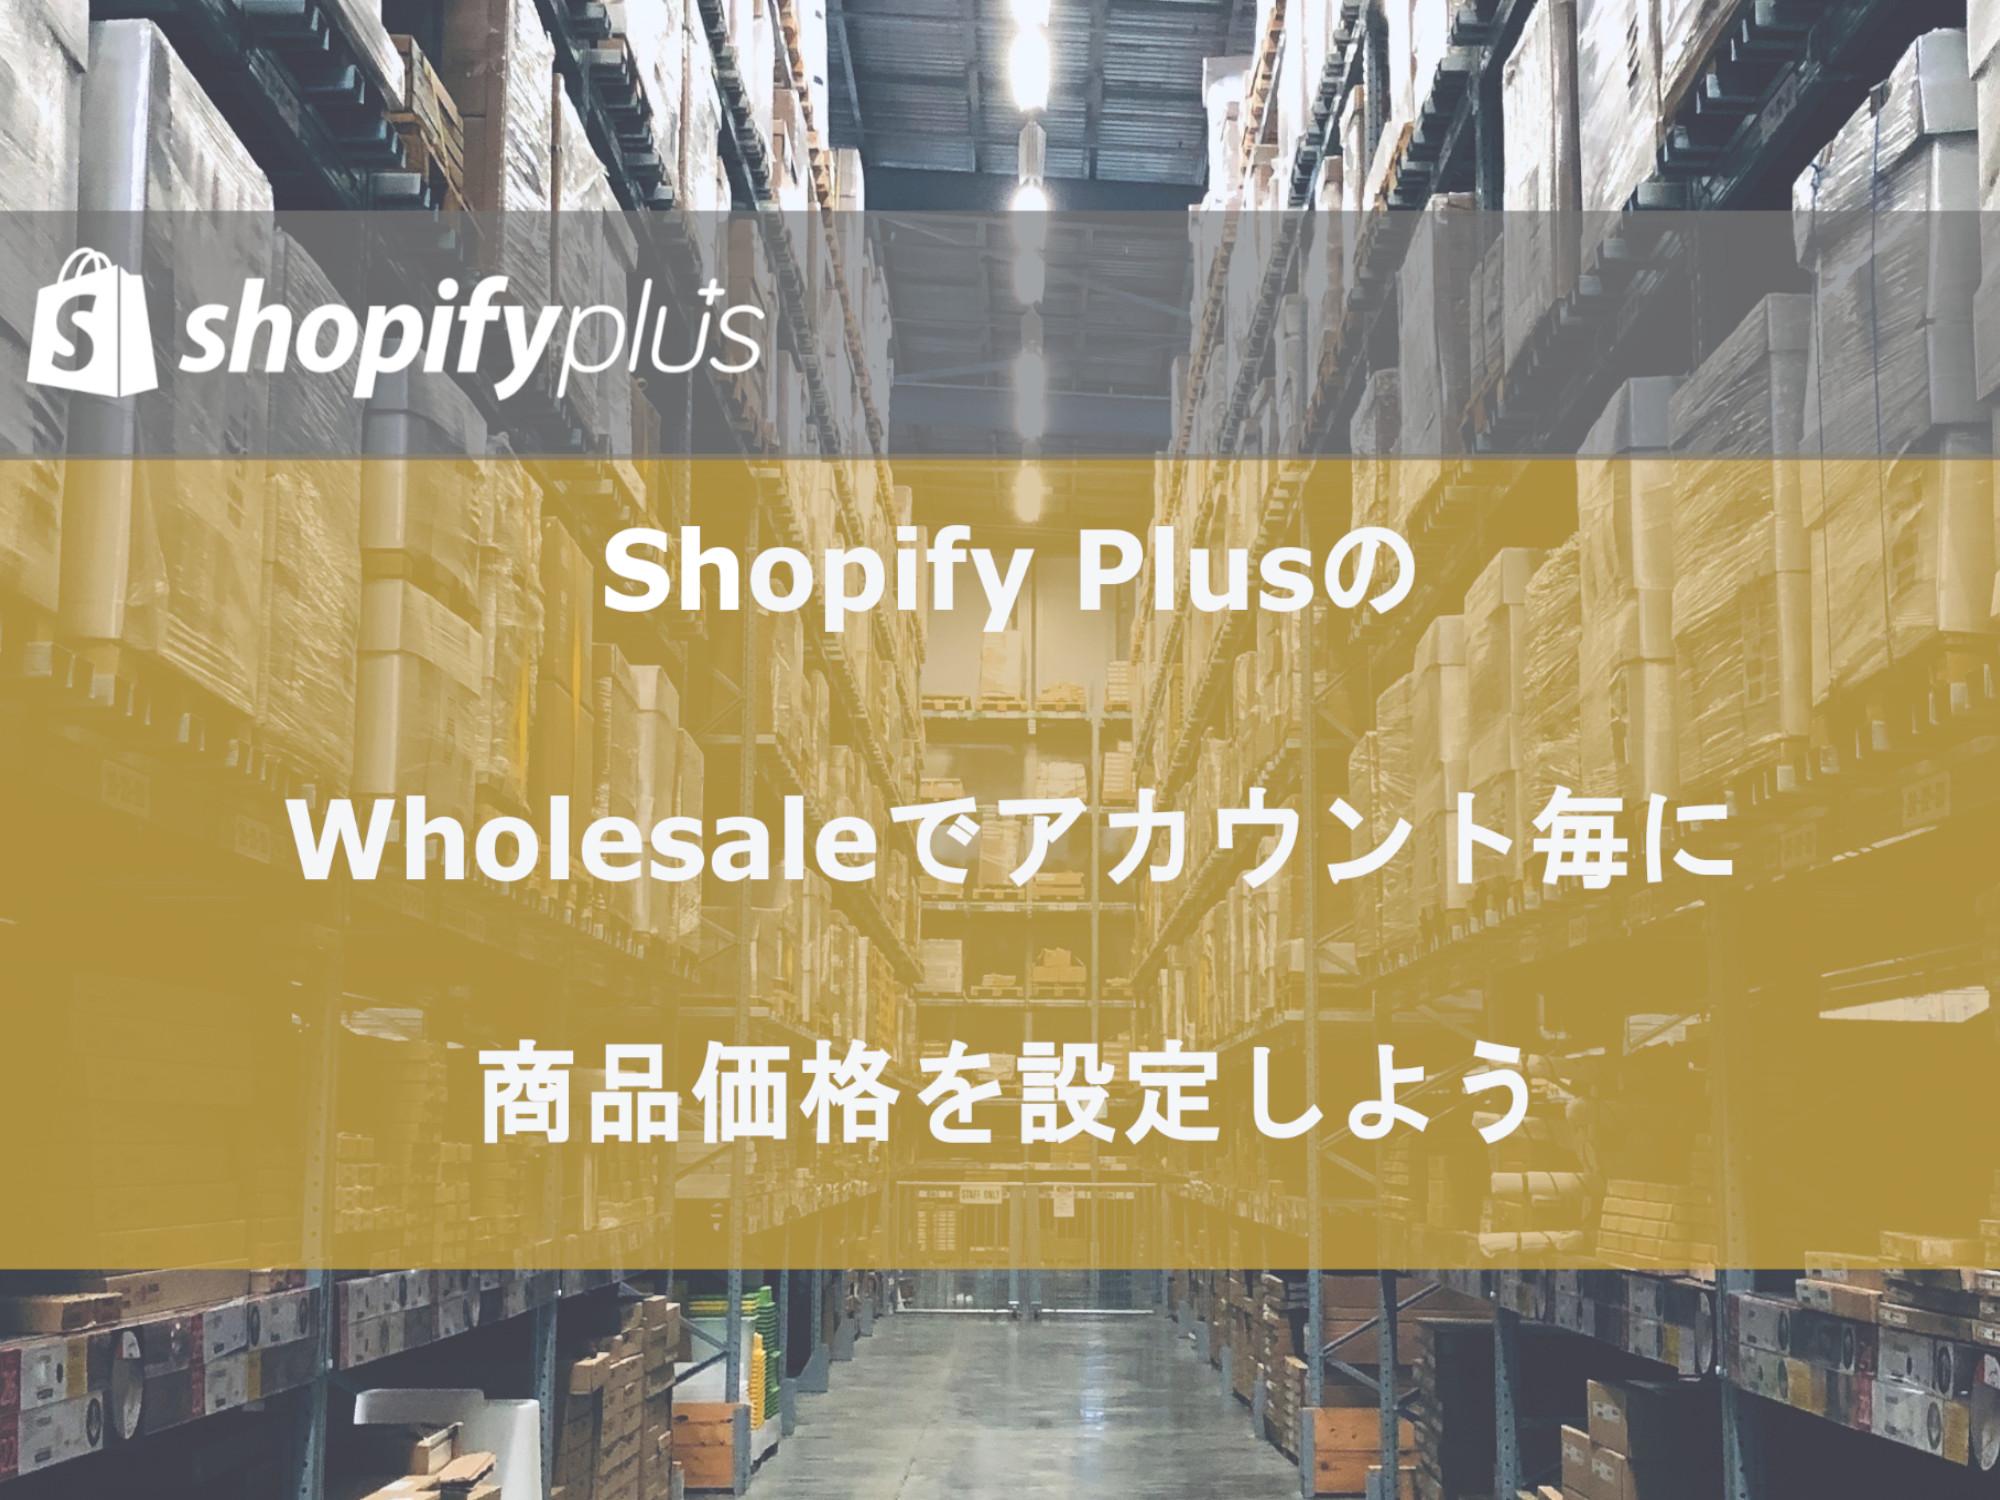 Shopify Plusの独自機能「Wholesale(卸売チャネル)」とは?【BtoB向けのサブサイトが作れる】